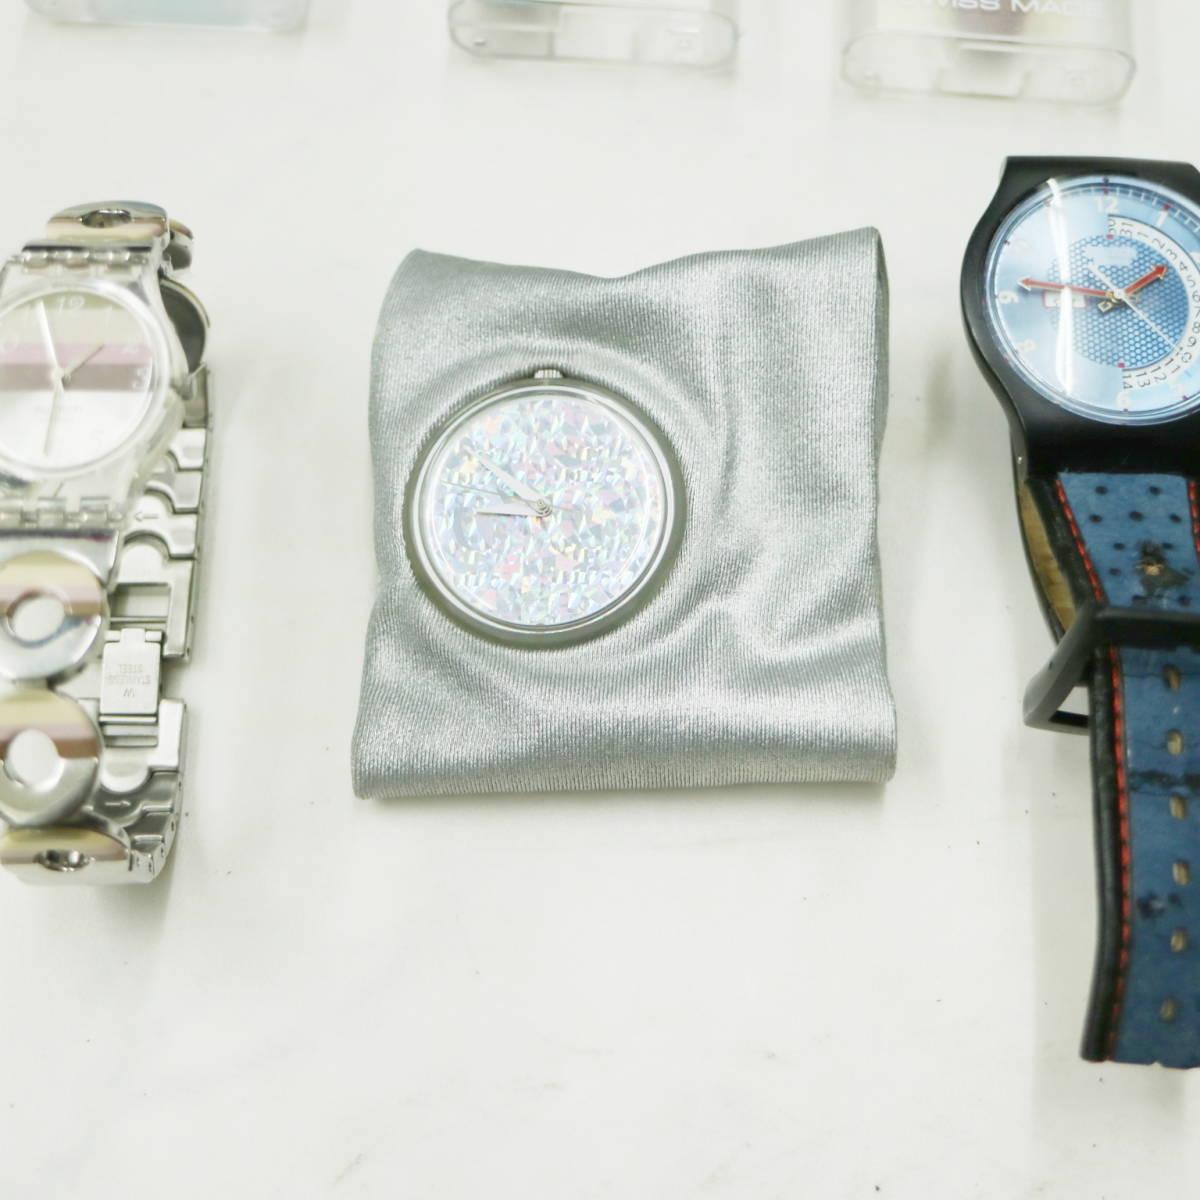 swatch スウォッチ 大量【14個】まとめ売り★ ジャンク 可動 電池切れ まとめて! 業者 フリマ 福袋 腕時計 ウォッチ w55g804_画像5